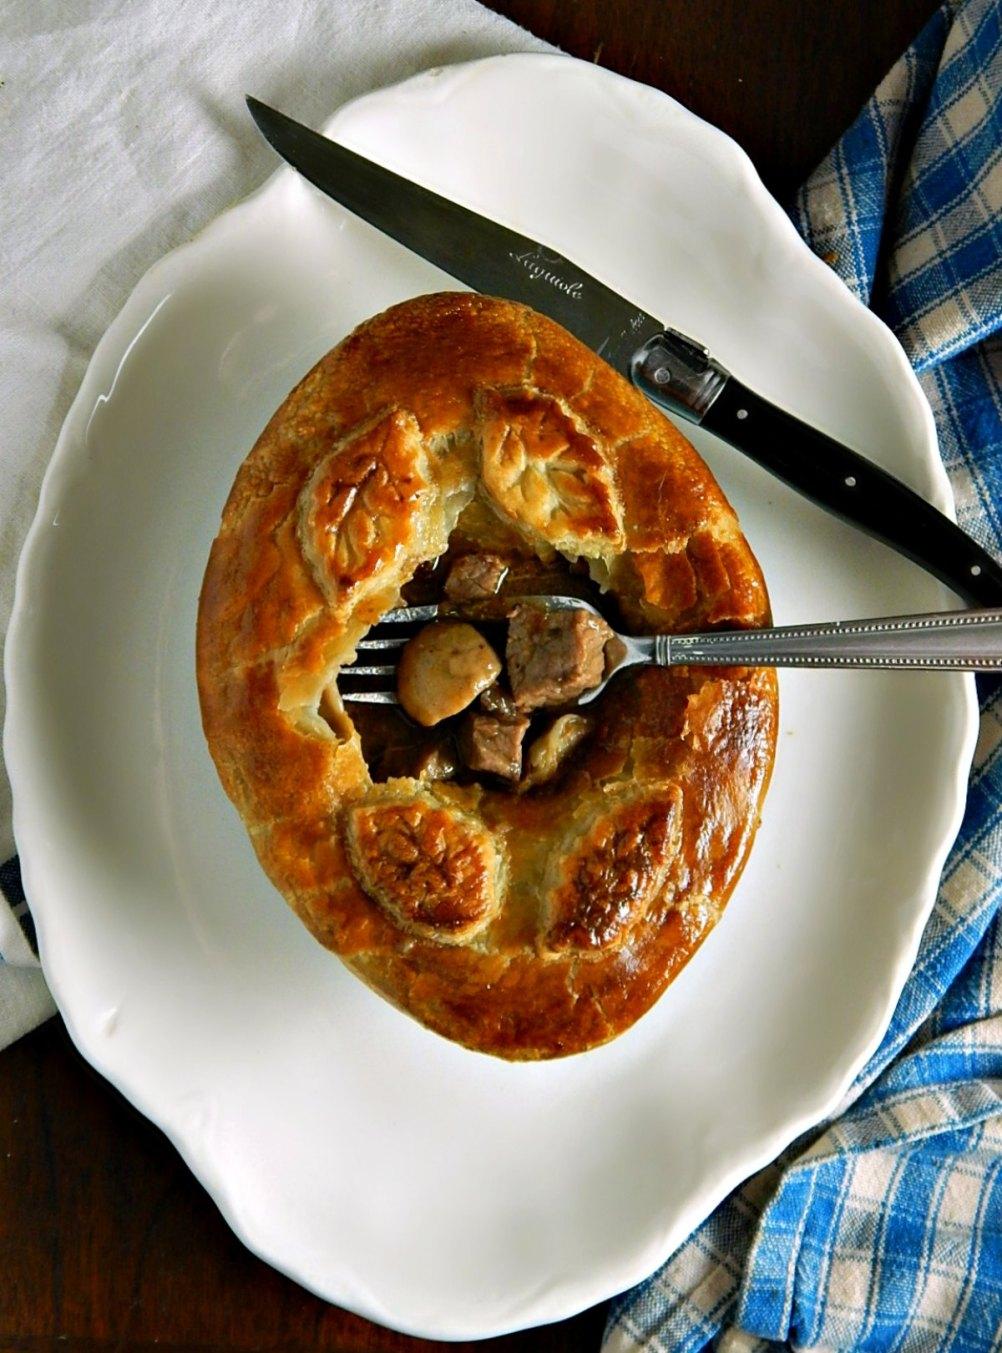 Leftover Steak & Mushroom Pies